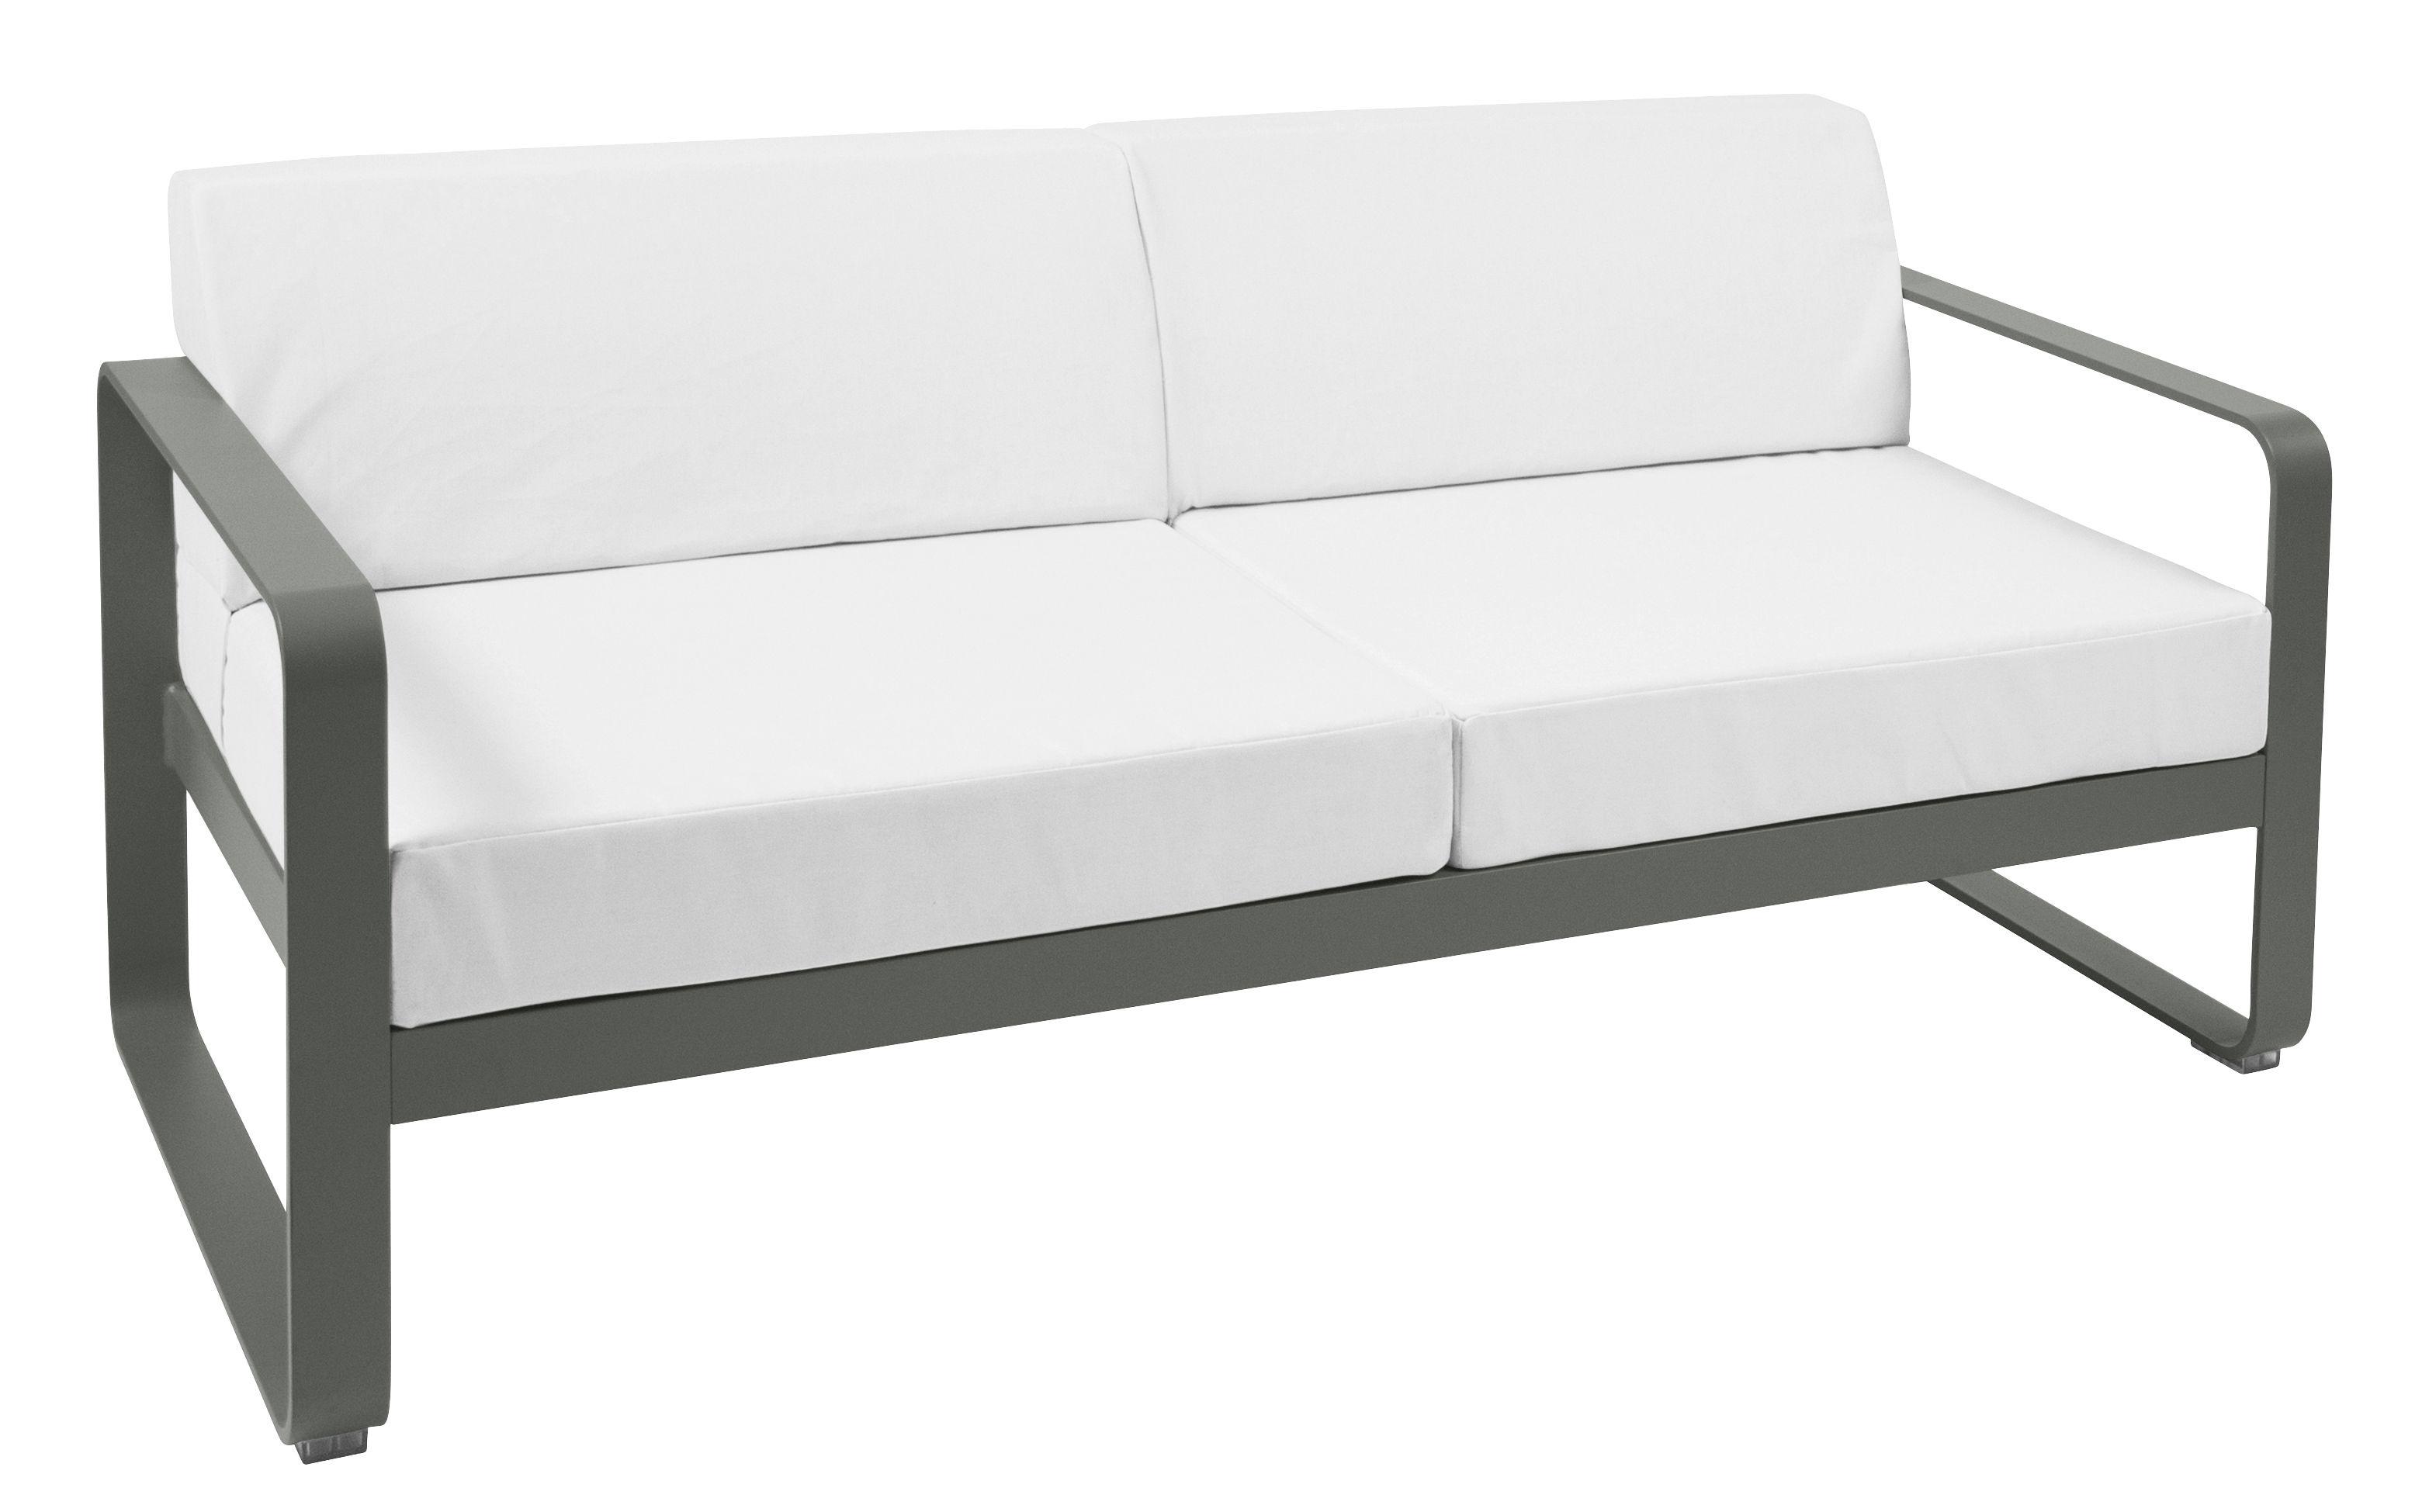 Arredamento - Divani moderni - Divano angolare destro Bellevie /  L 160 cm - 2 posti - Fermob - Rosmarino - Alluminio, Tessuto acrilico